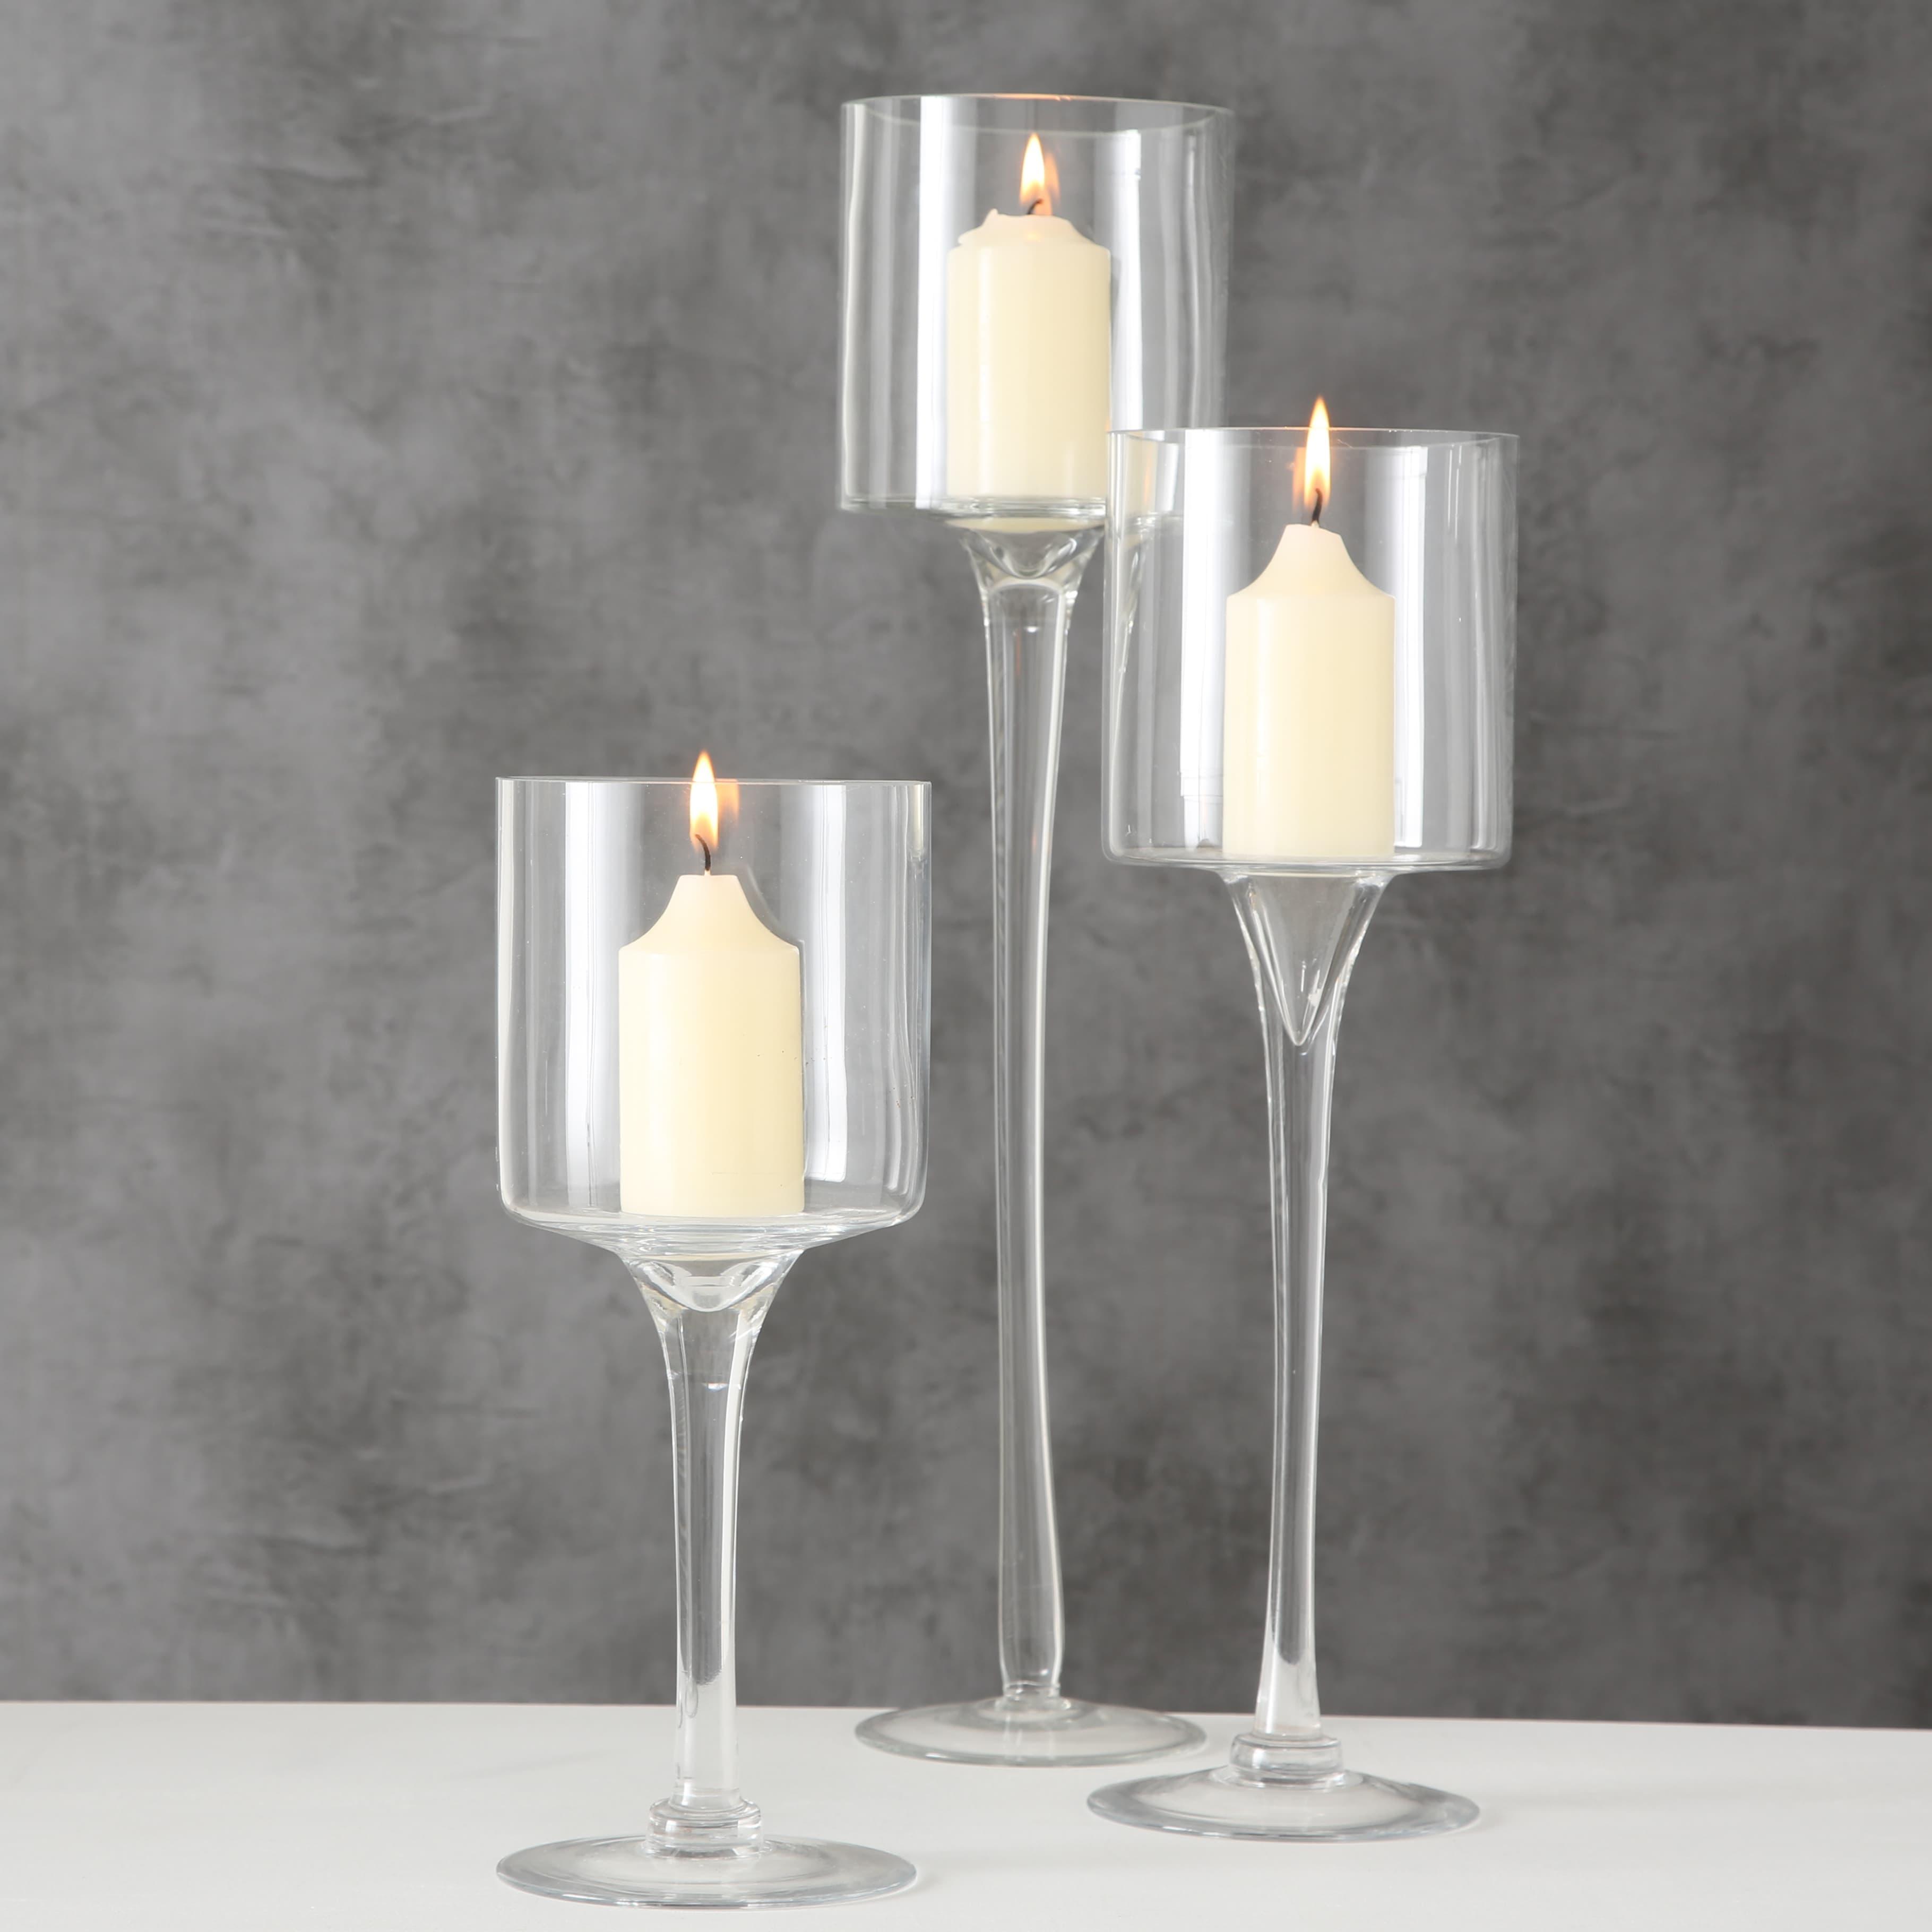 Set 3 suporturi din sticla pentru lumanari Arosa Transparent, Ø12xH30 cm / Ø12xH40 cm / Ø12xH50 cm imagine